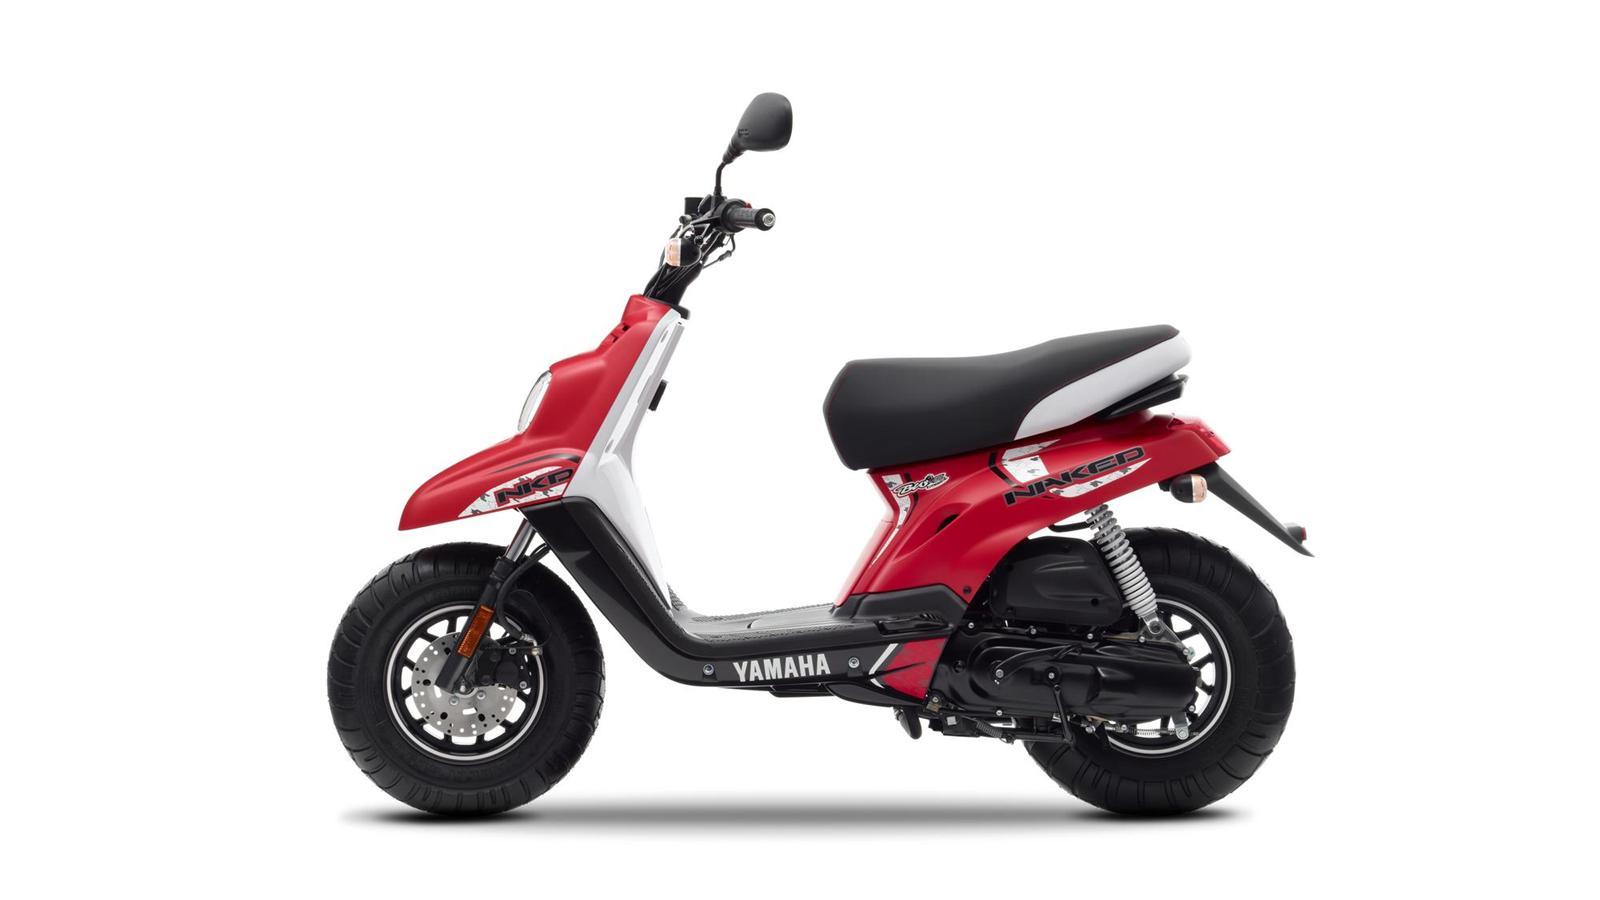 Мотоцикл Yamaha BWs Naked 50 2013 характеристики